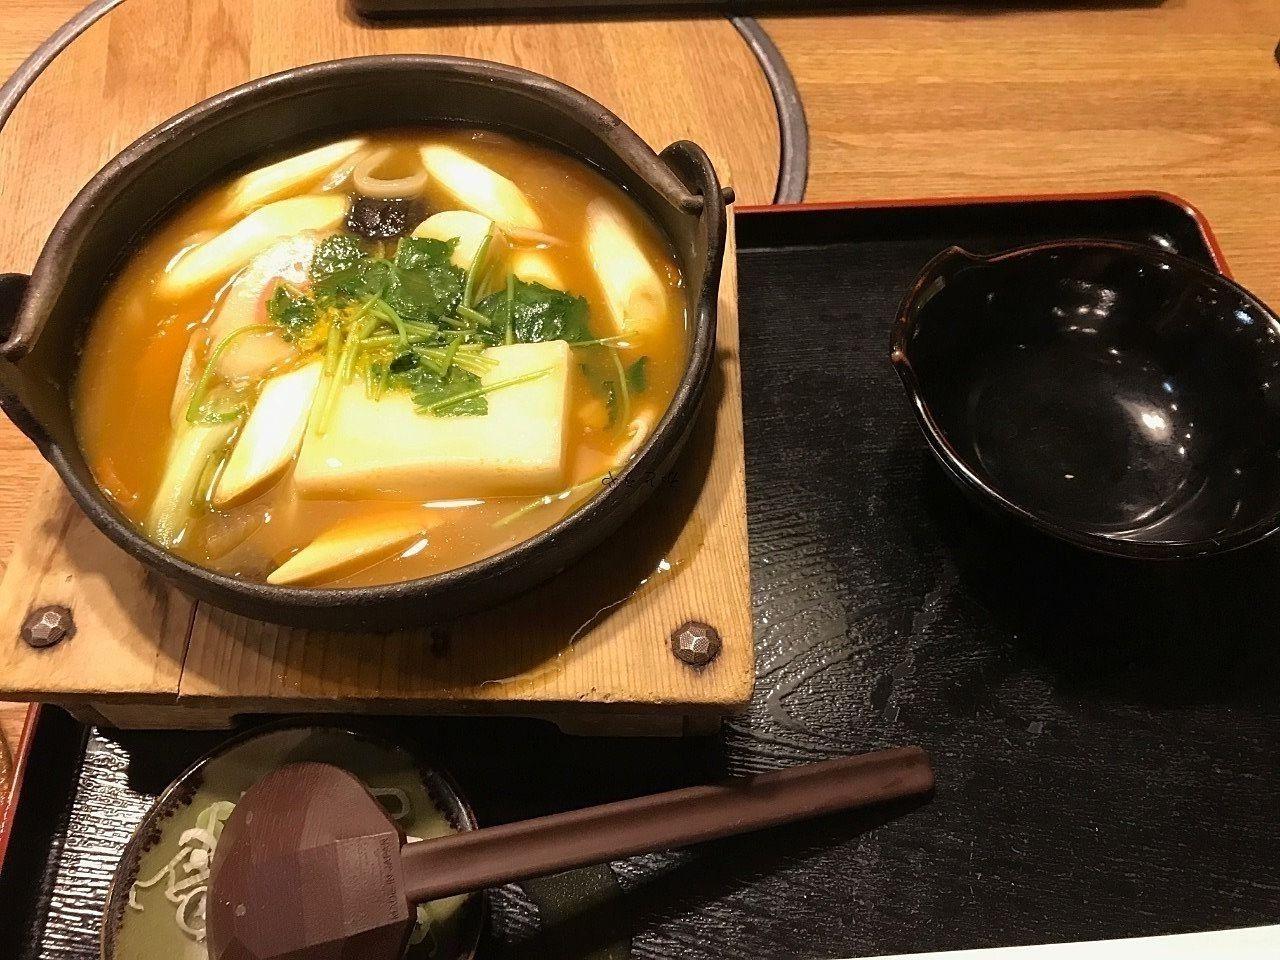 松戸市新松戸 「かやぶき蕎麦やぶ」さんの熱々のほうとう